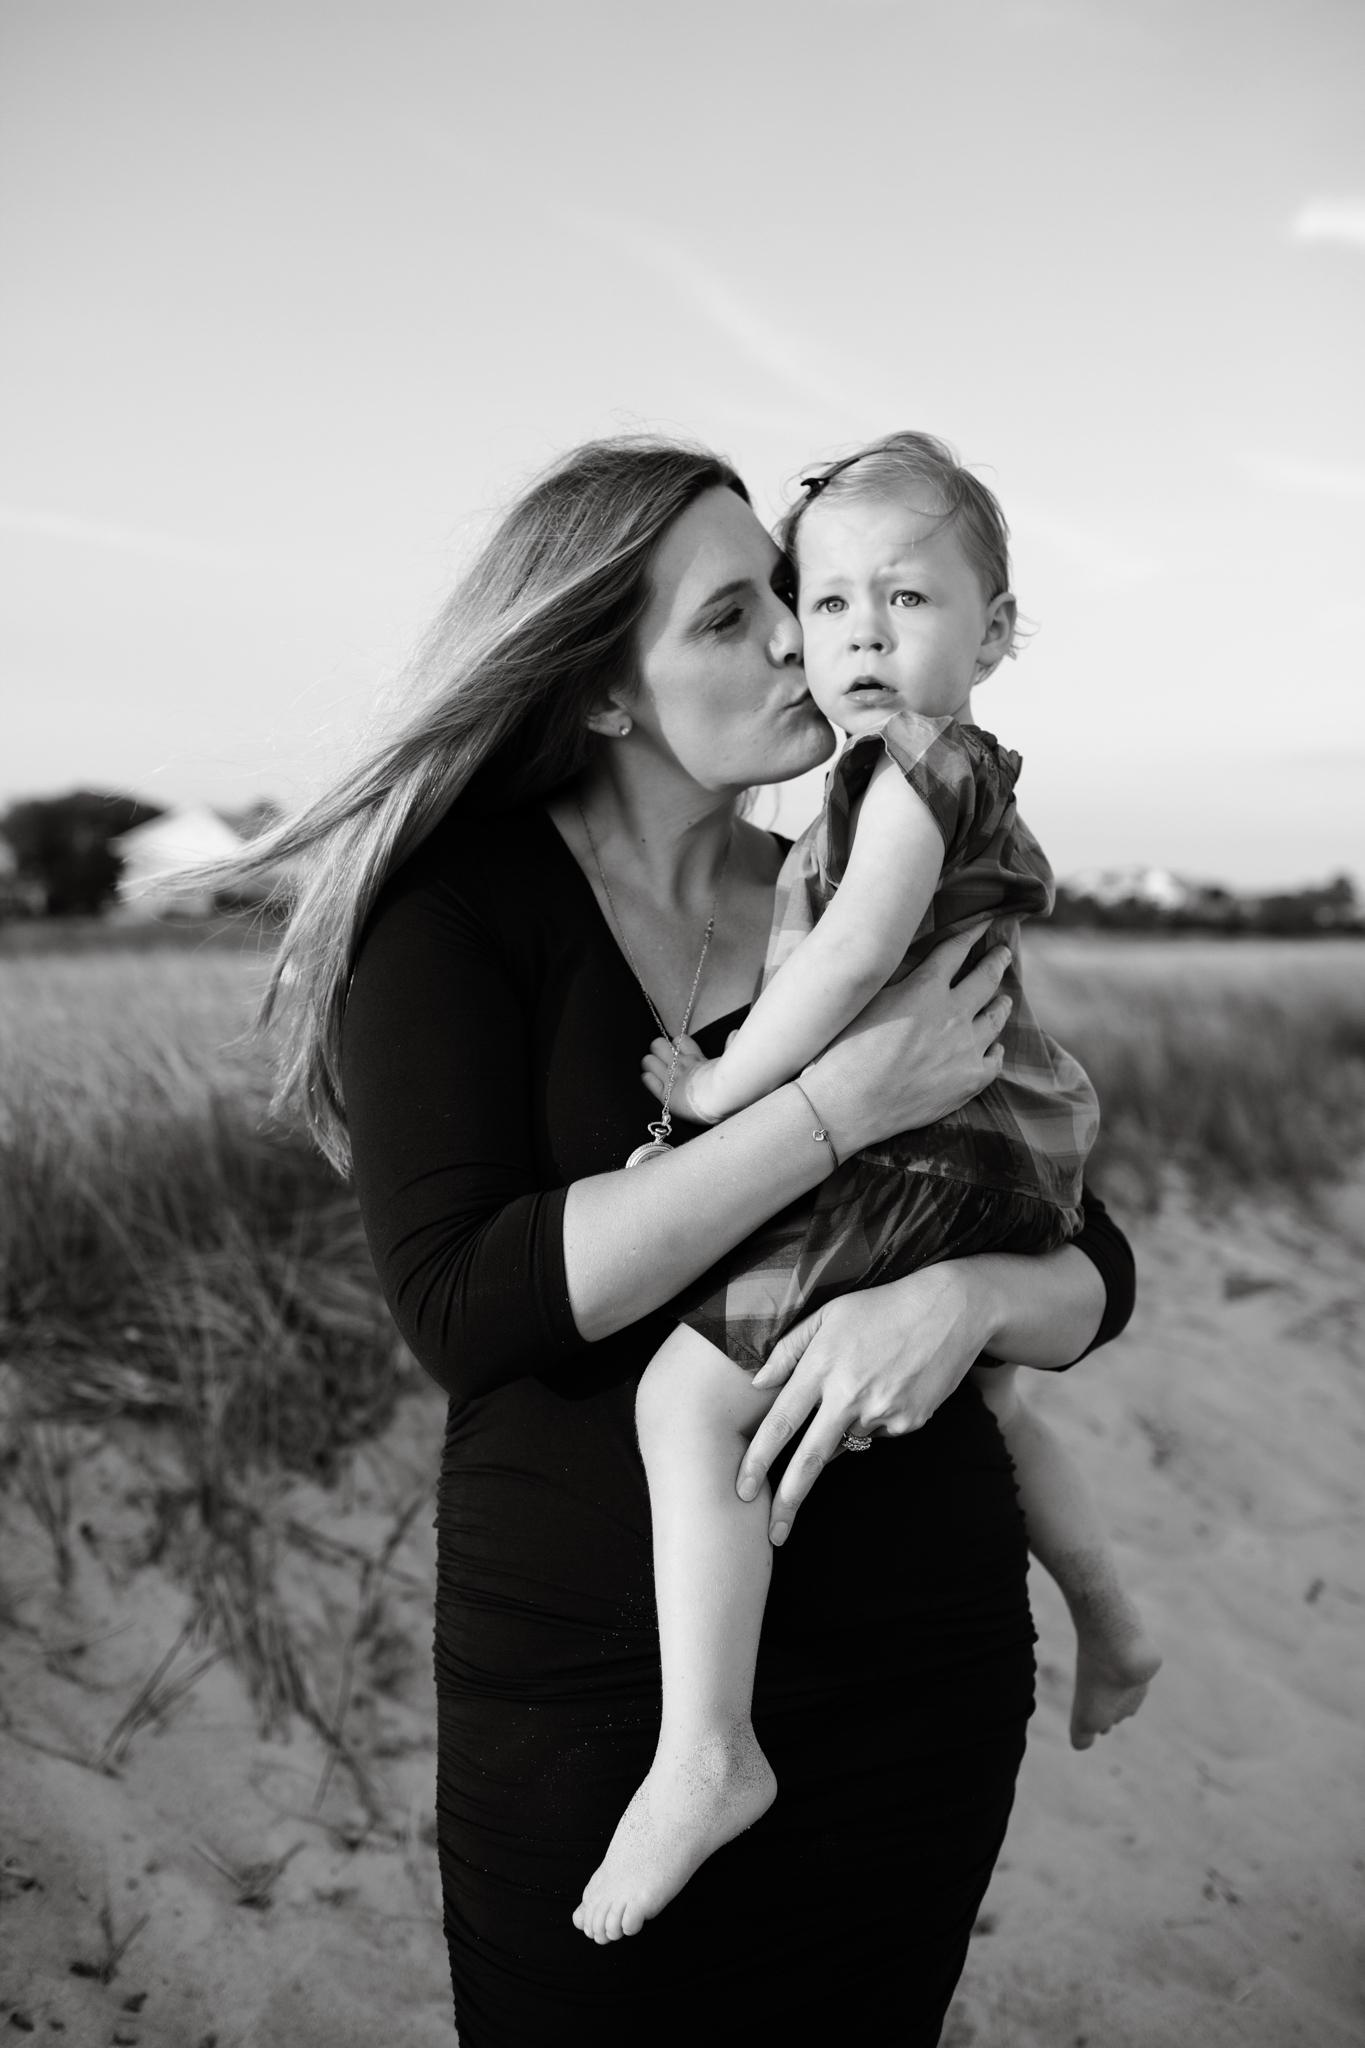 maine-family-photography-pine-point- beach-99.jpg